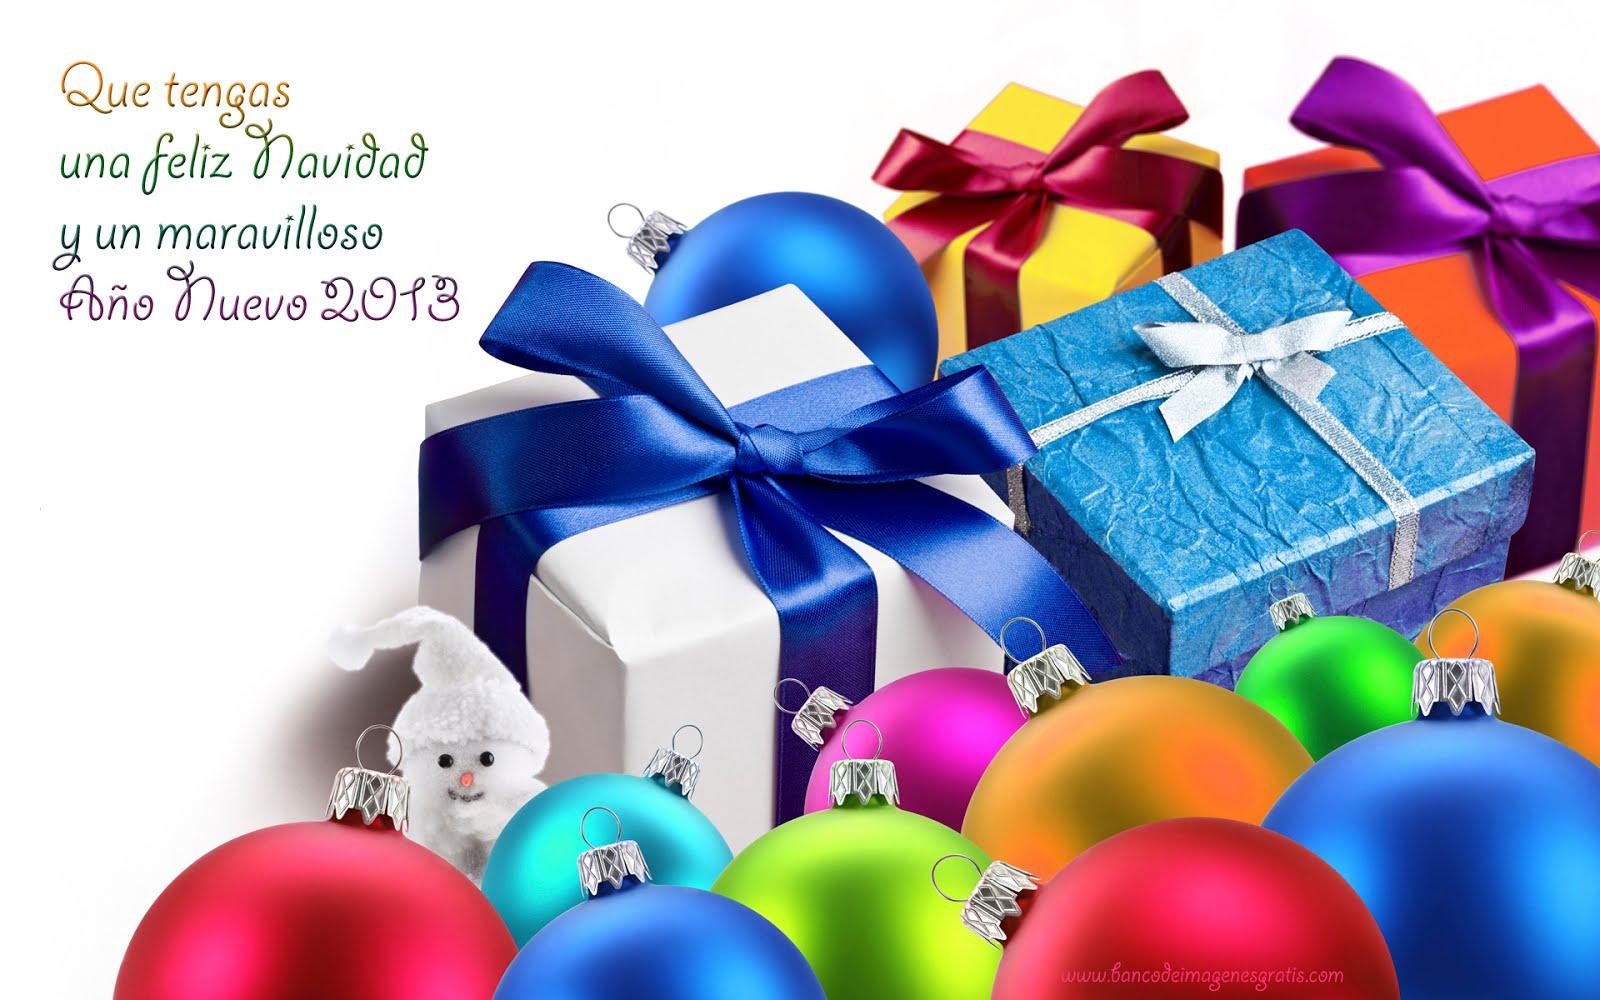 Deseo una feliz navidad a todos mis seguidores ntic s - Cosas para navidad ...